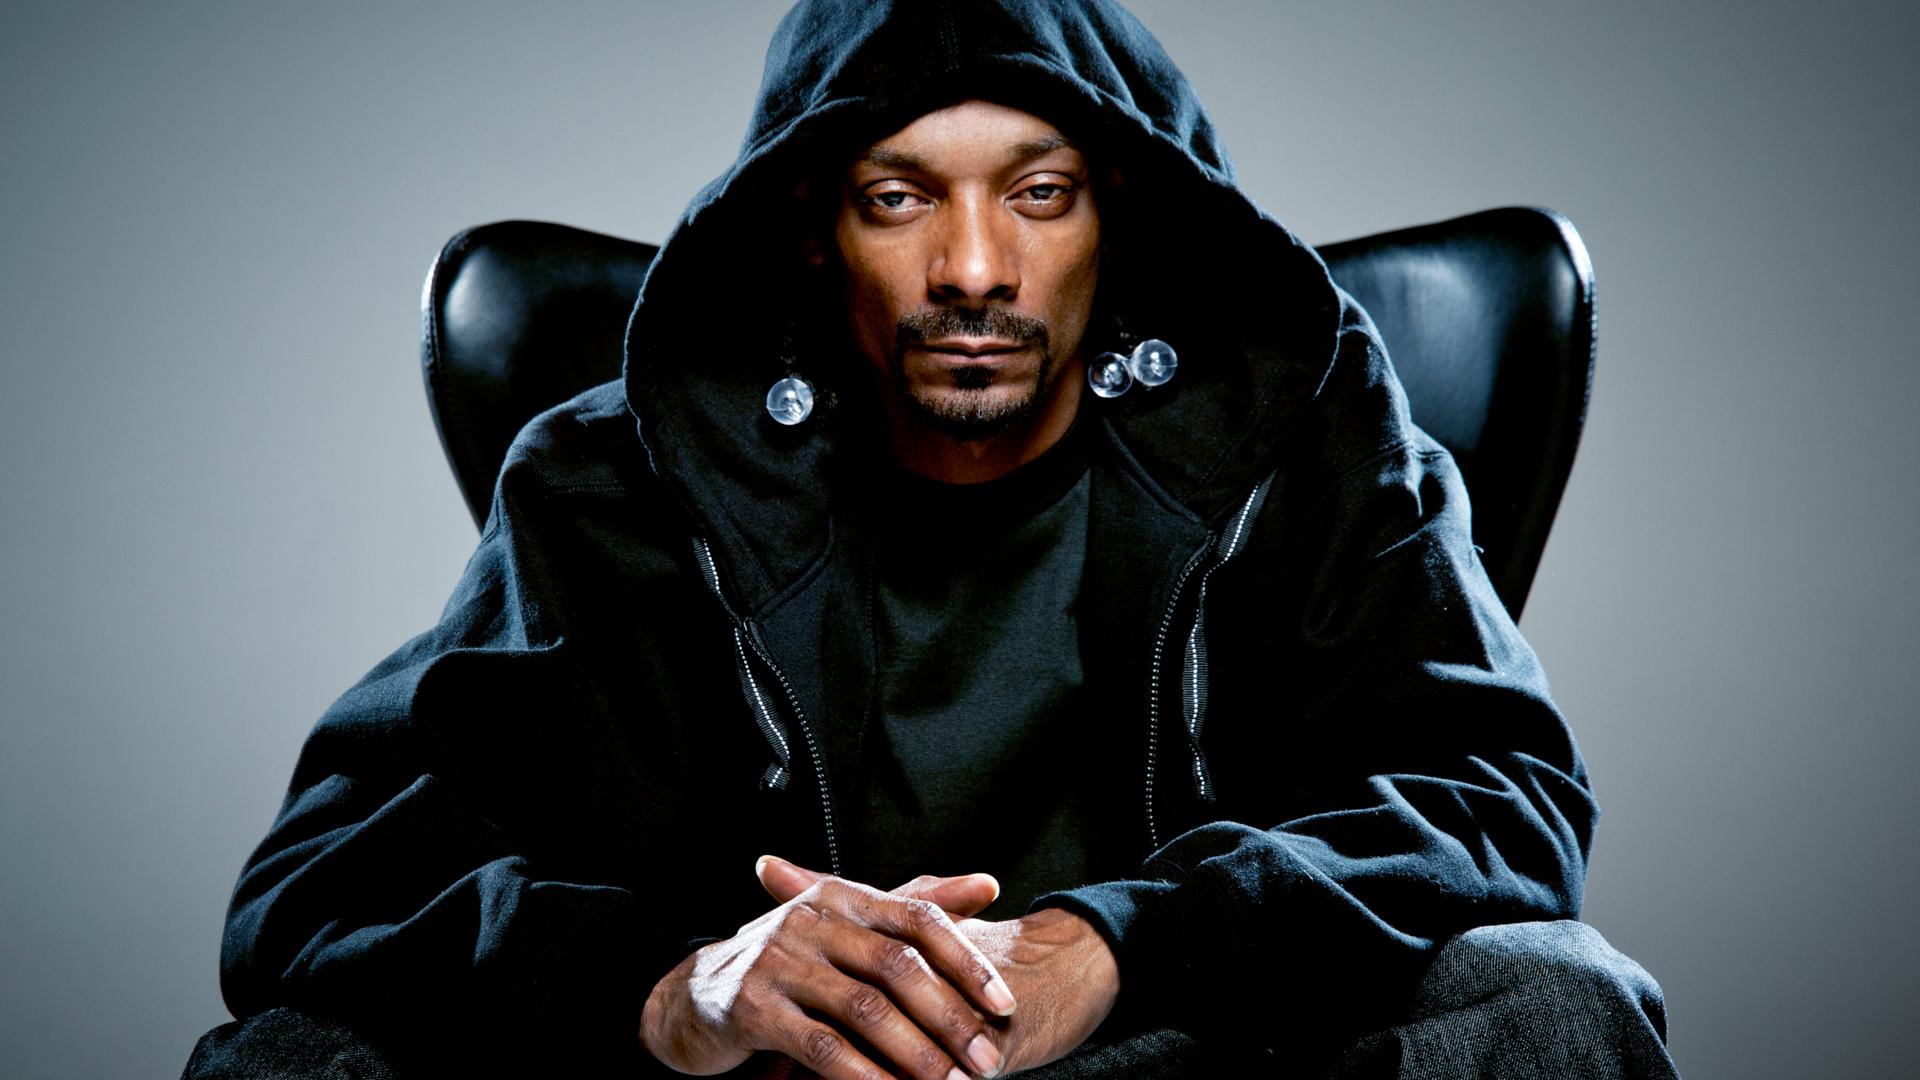 Snoop Dogg este unul dintre cei mai celebri rapperi din lume foto: fanart.tv